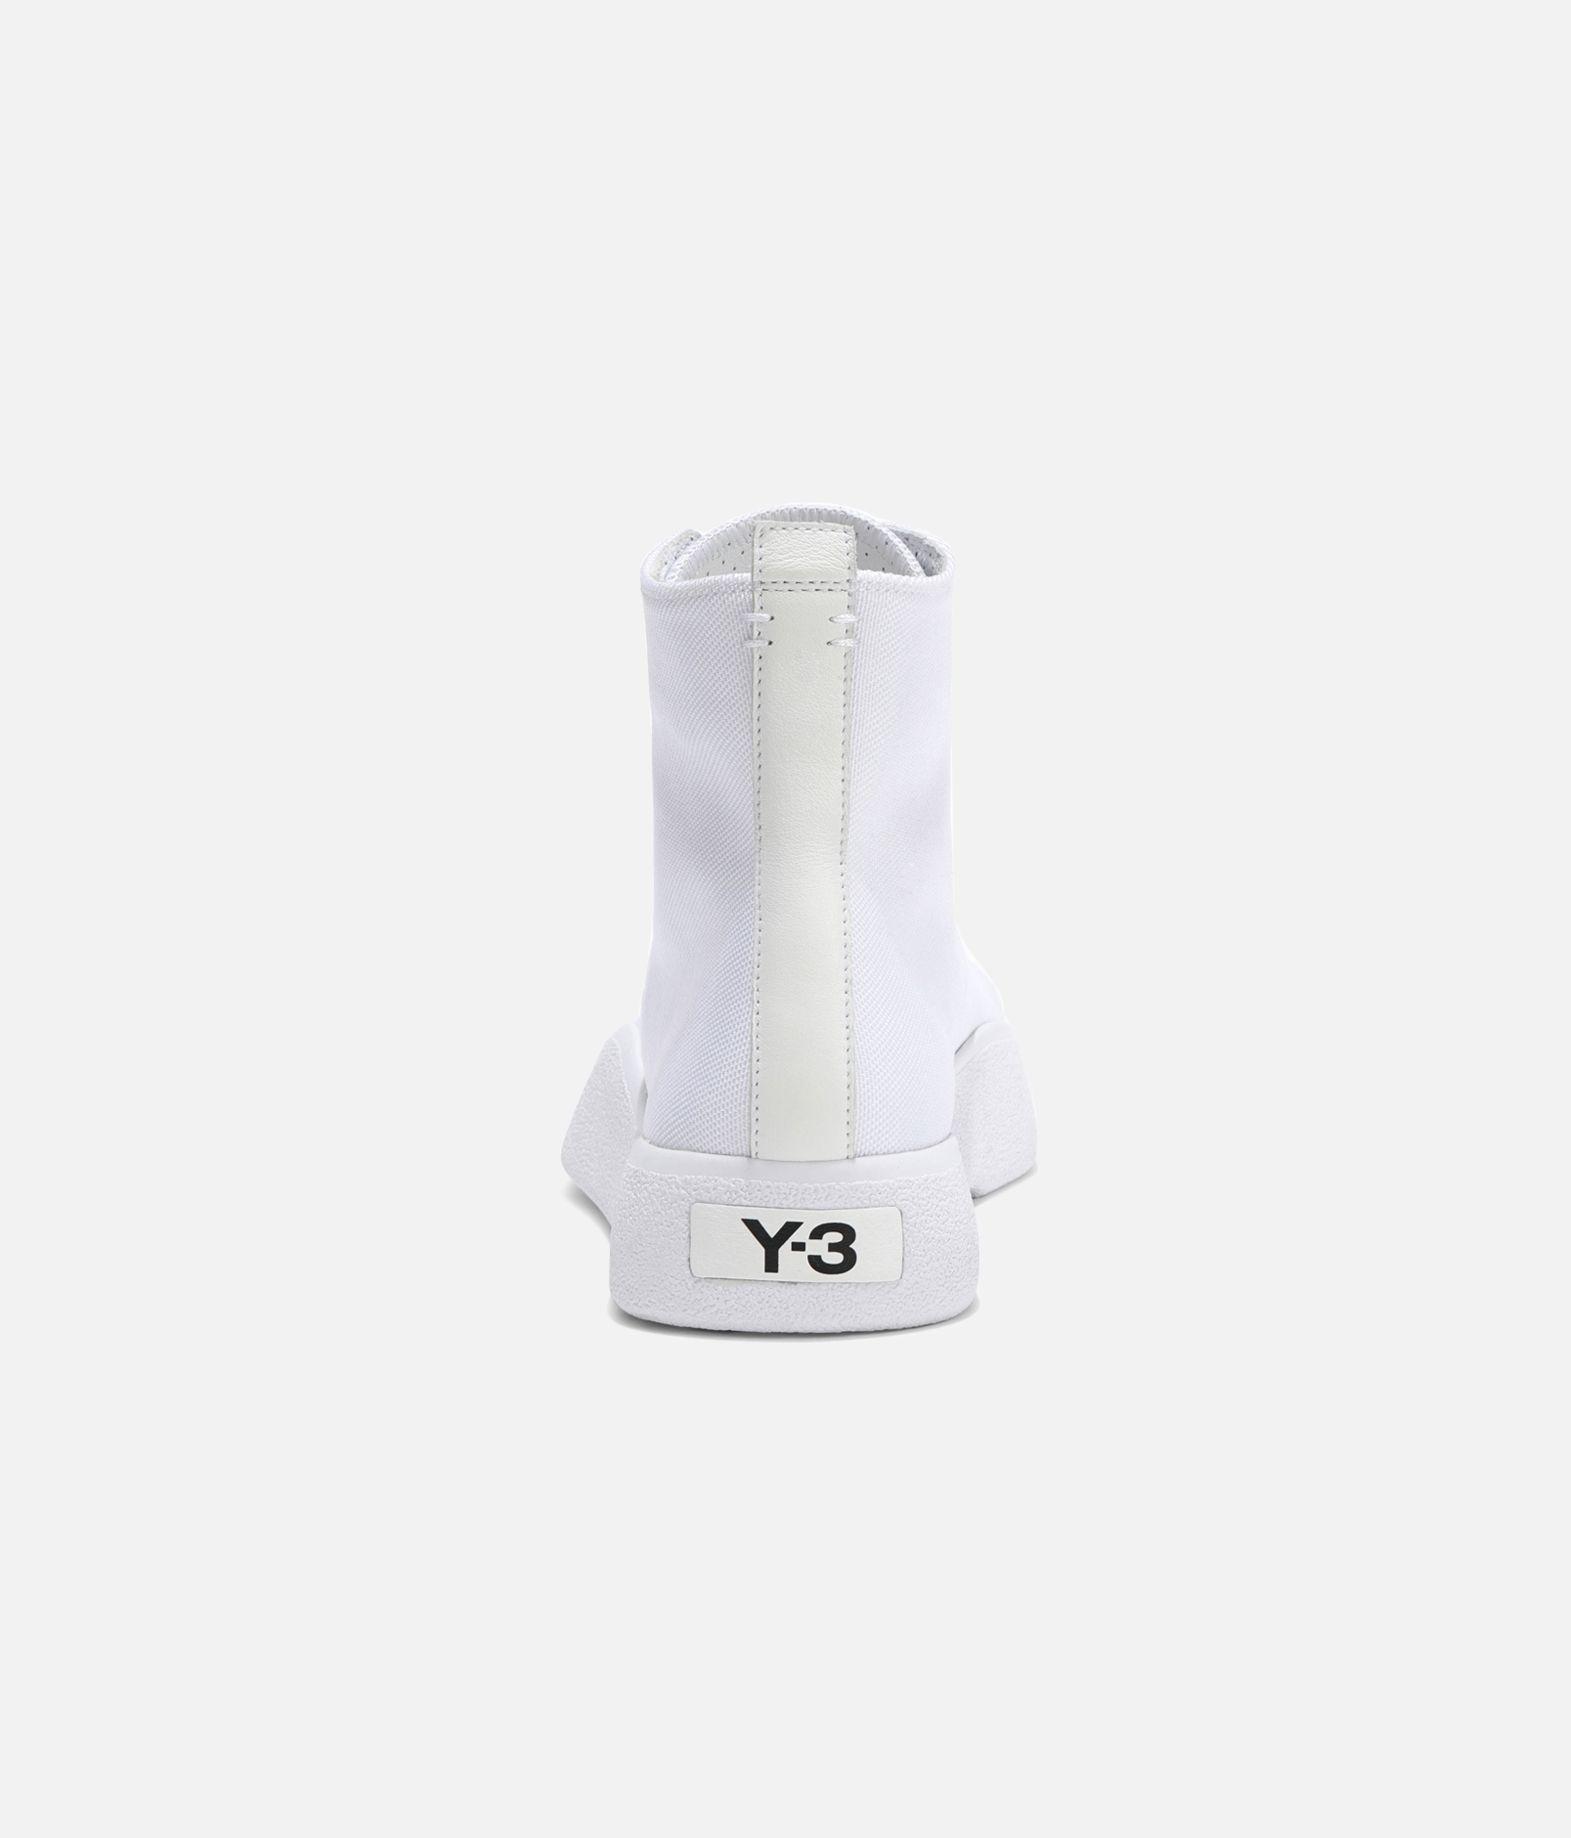 Y-3 Y-3 Bashyo Высокие кроссовки E r